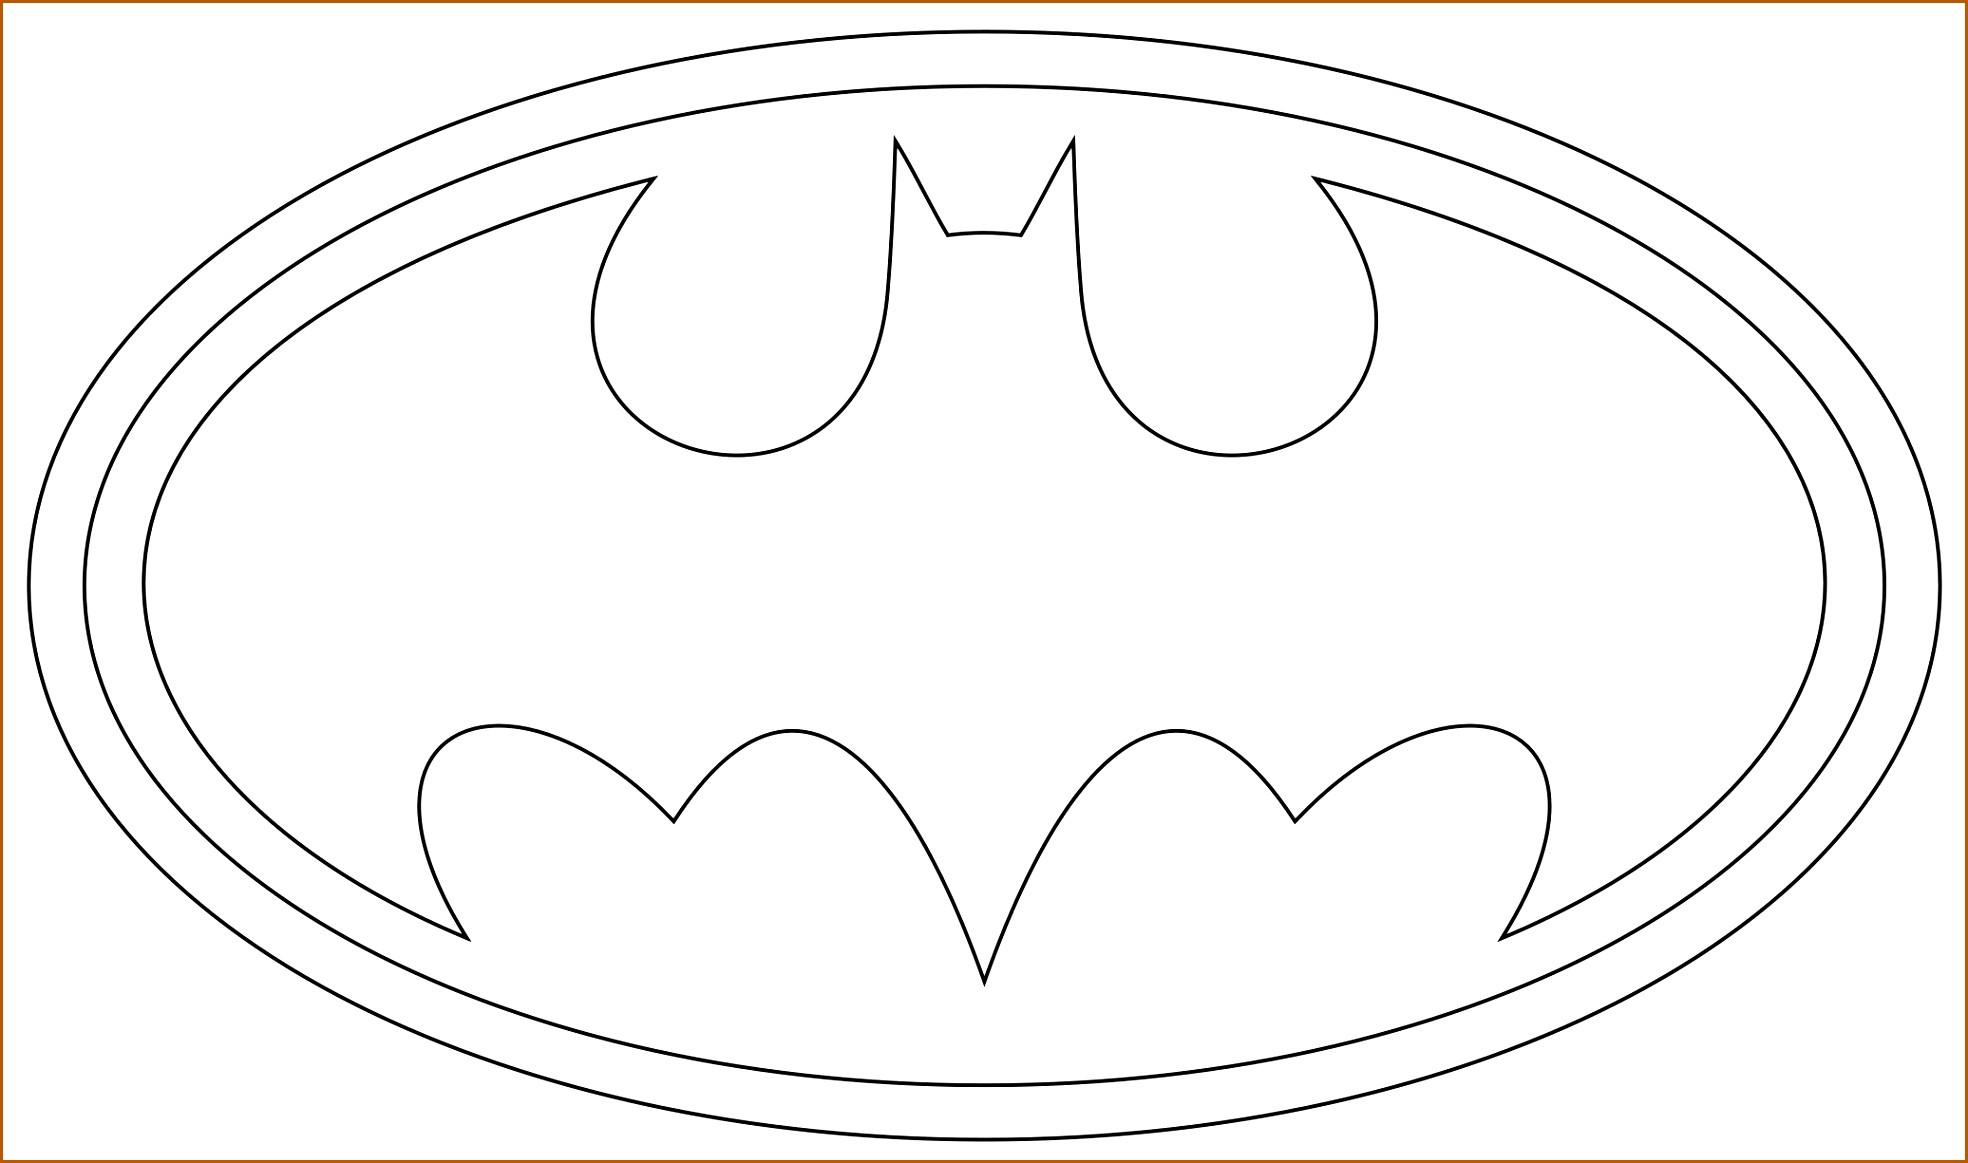 Ausmalbilder Batman Frisch 7 Druckbare Superman Malvorlagen Vorlagen123 Vorlagen123 Stock